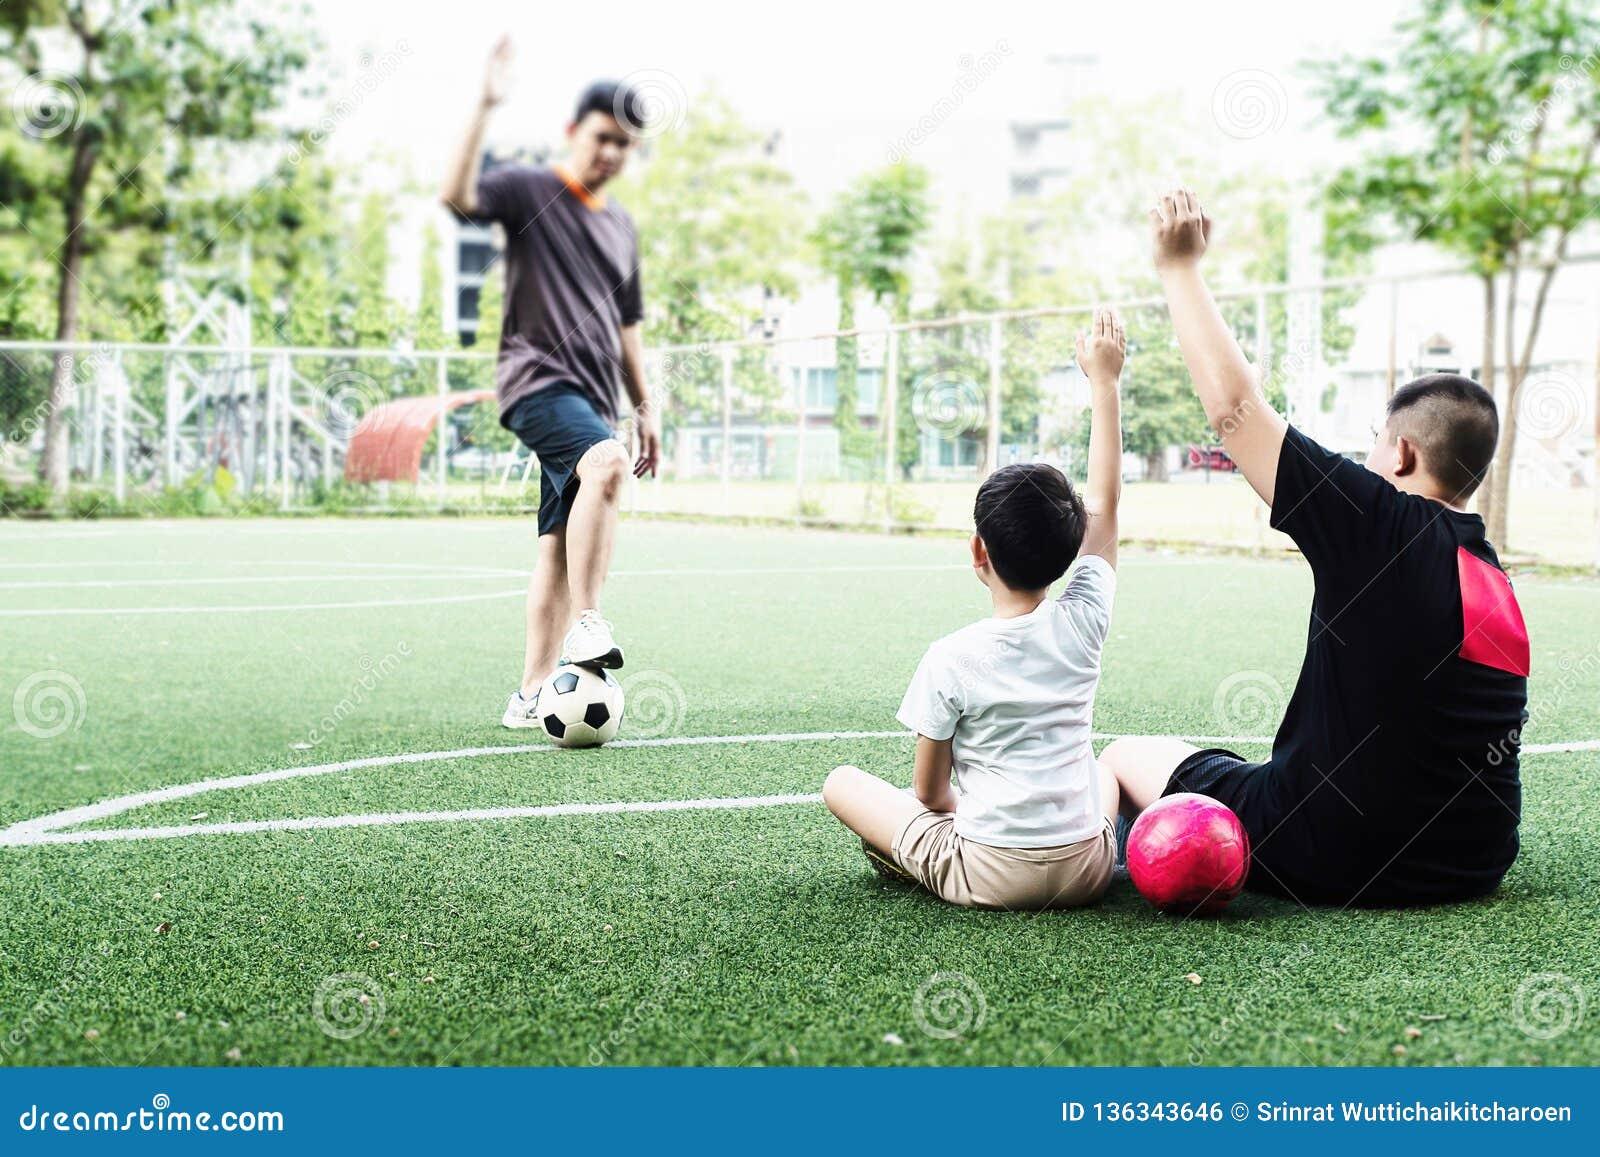 El papá entrena a sus niños cómo jugar a fútbol